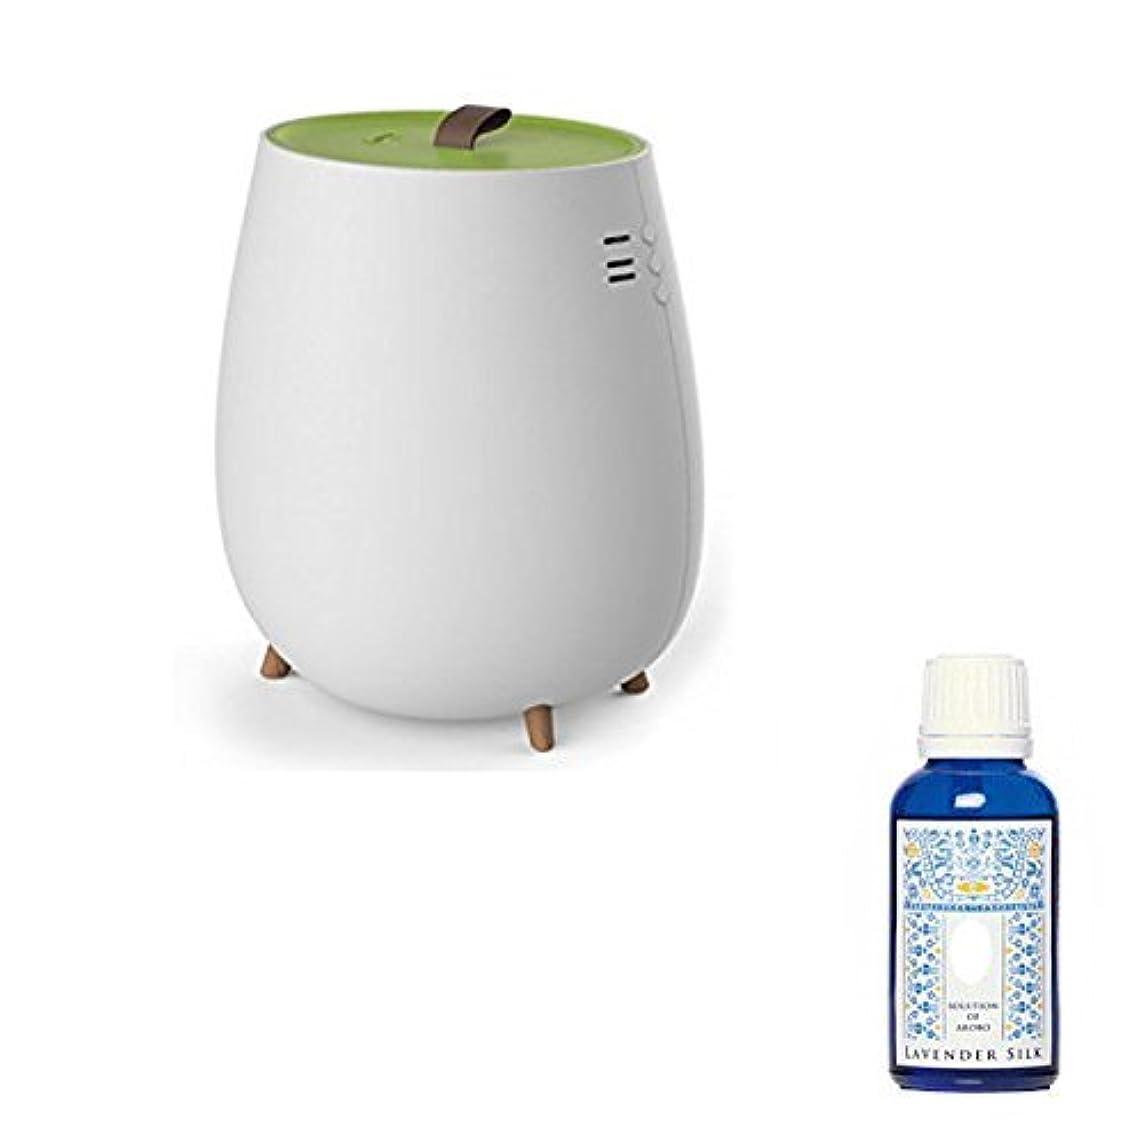 アンプ満足させる国民アロマ加湿器 超音波加湿器 2.3L セラヴィ アロマソリューション付 CLV-296 グリーン